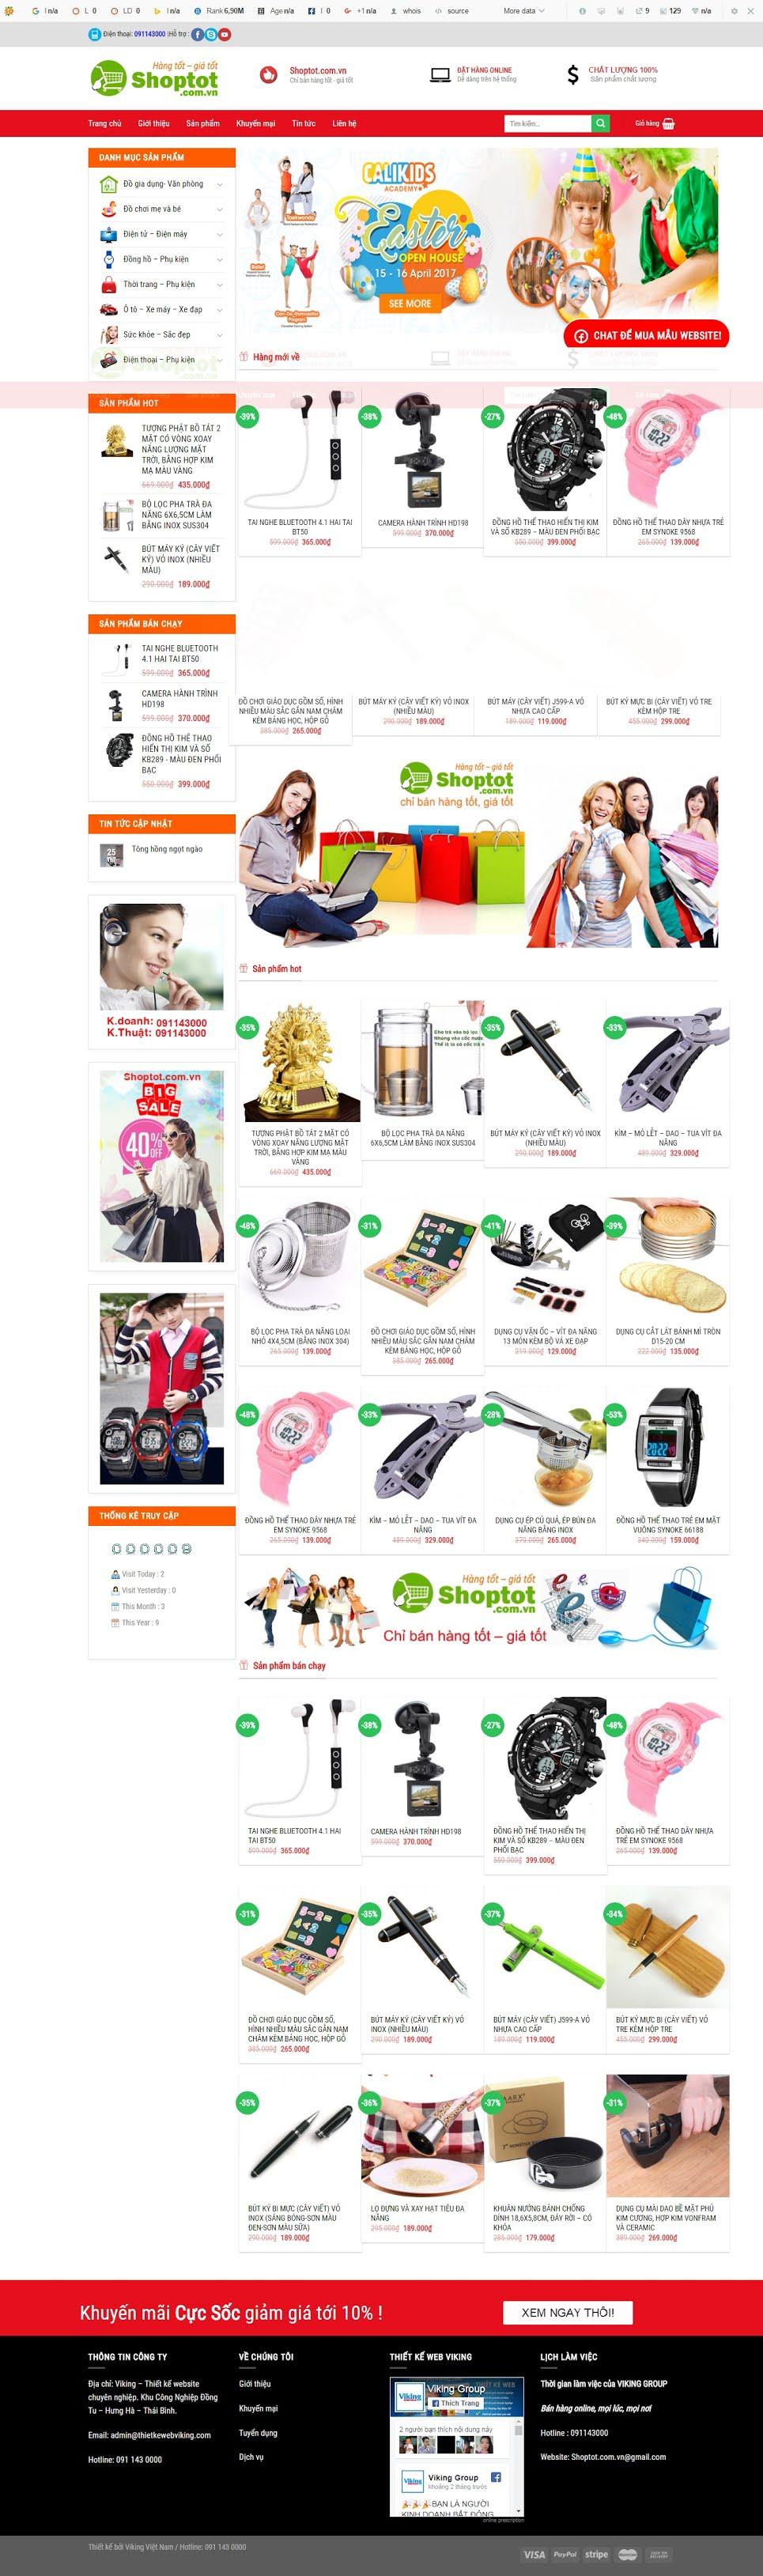 MẪU BÁN HÀNG 056 - siêu thị online